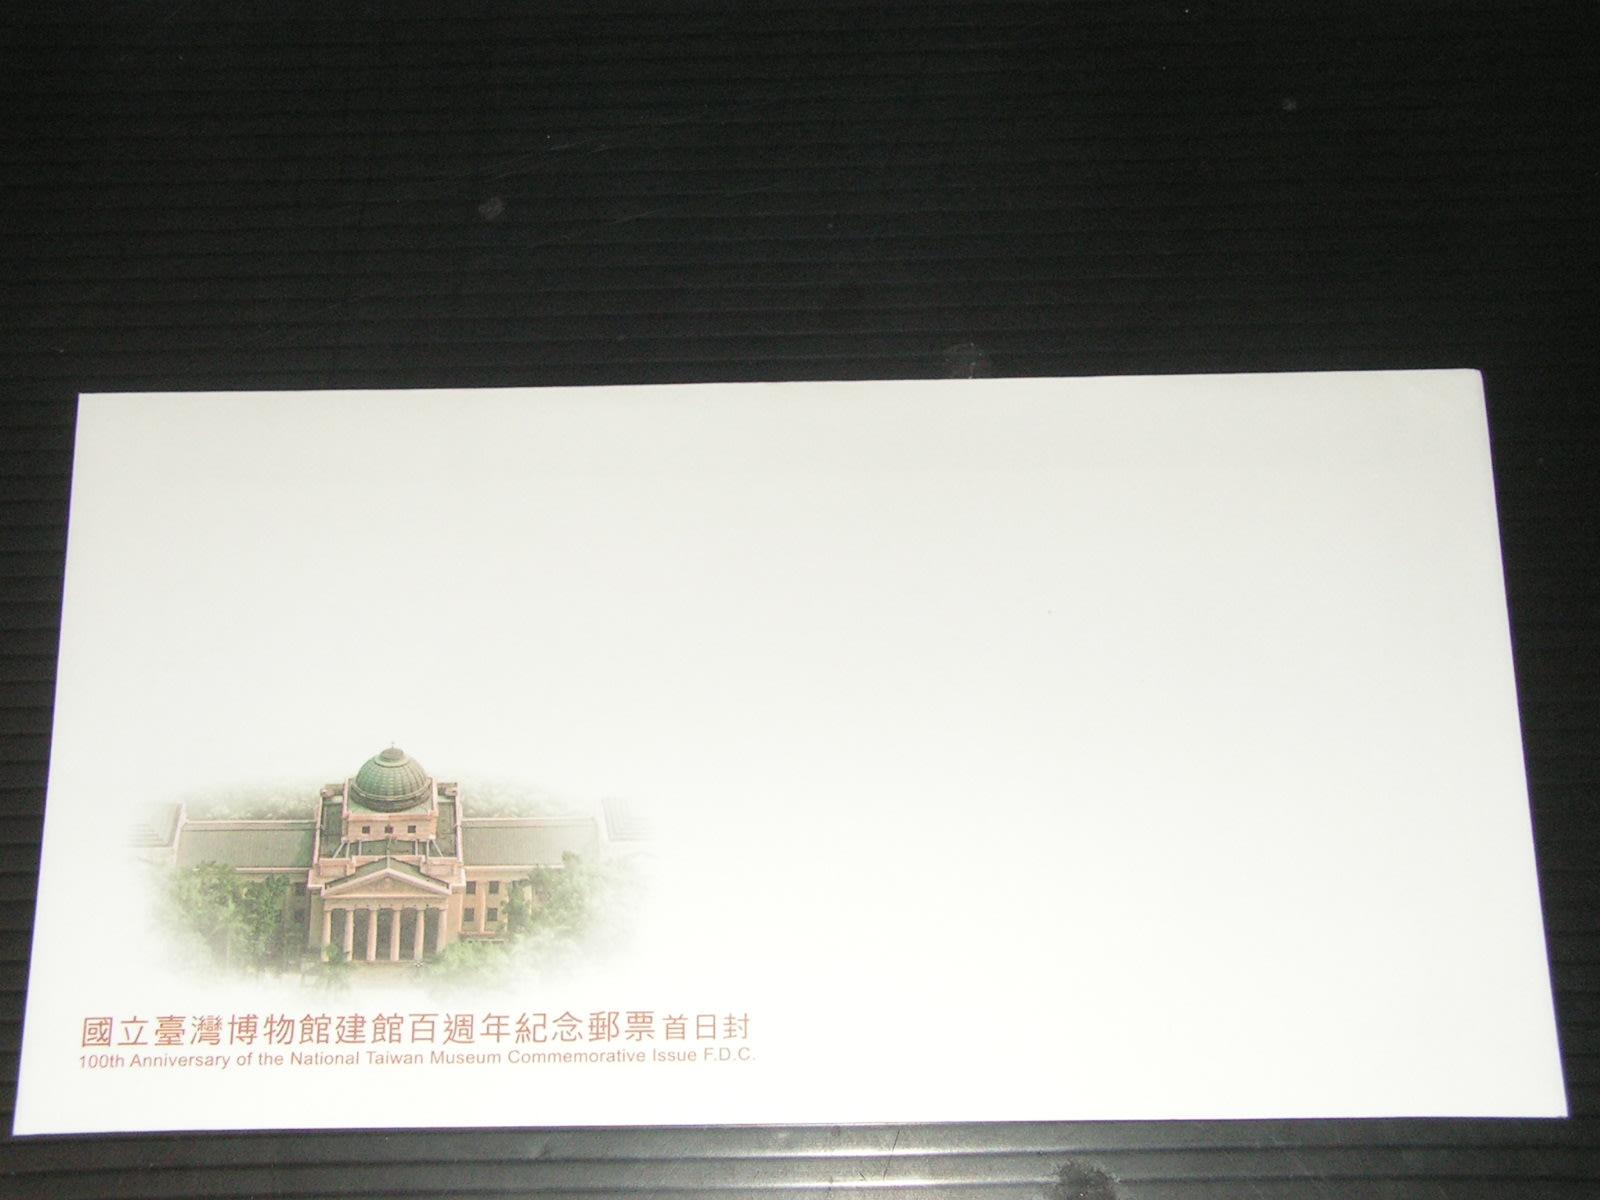 【愛郵者】〈空白首日封〉消失的*台灣*郵政 97年 台灣博物館建館百週年 小全張 加長封 / 紀312 EC97-10M